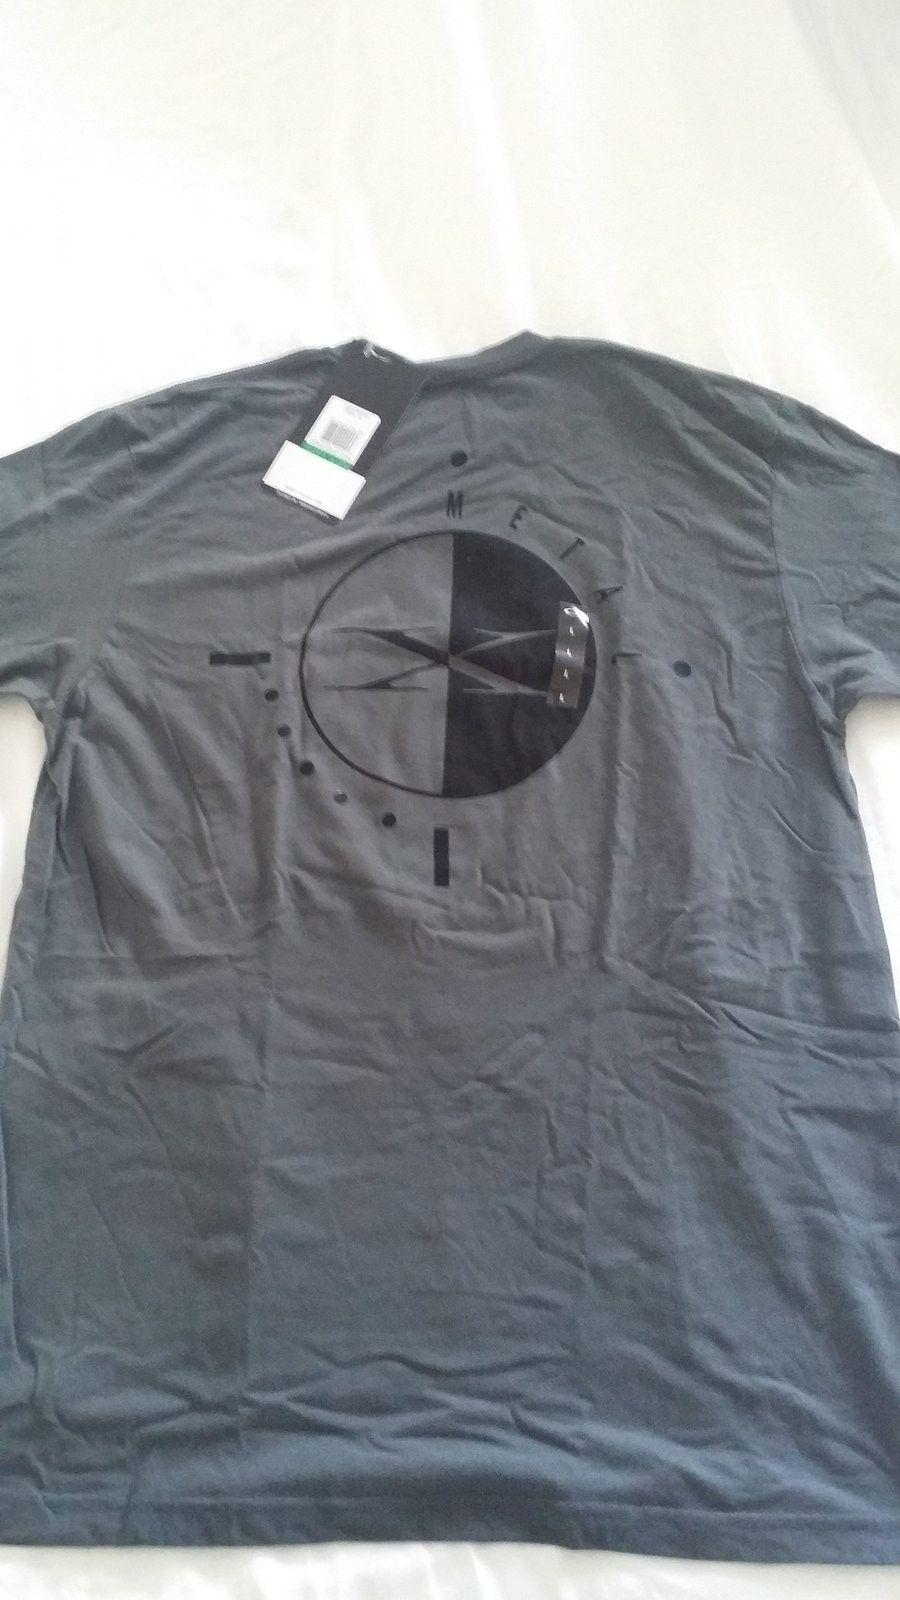 Black Metal Tee AND Dk Hthr Gry Orbital Tee (Size Large) - 20150829_114713.jpg